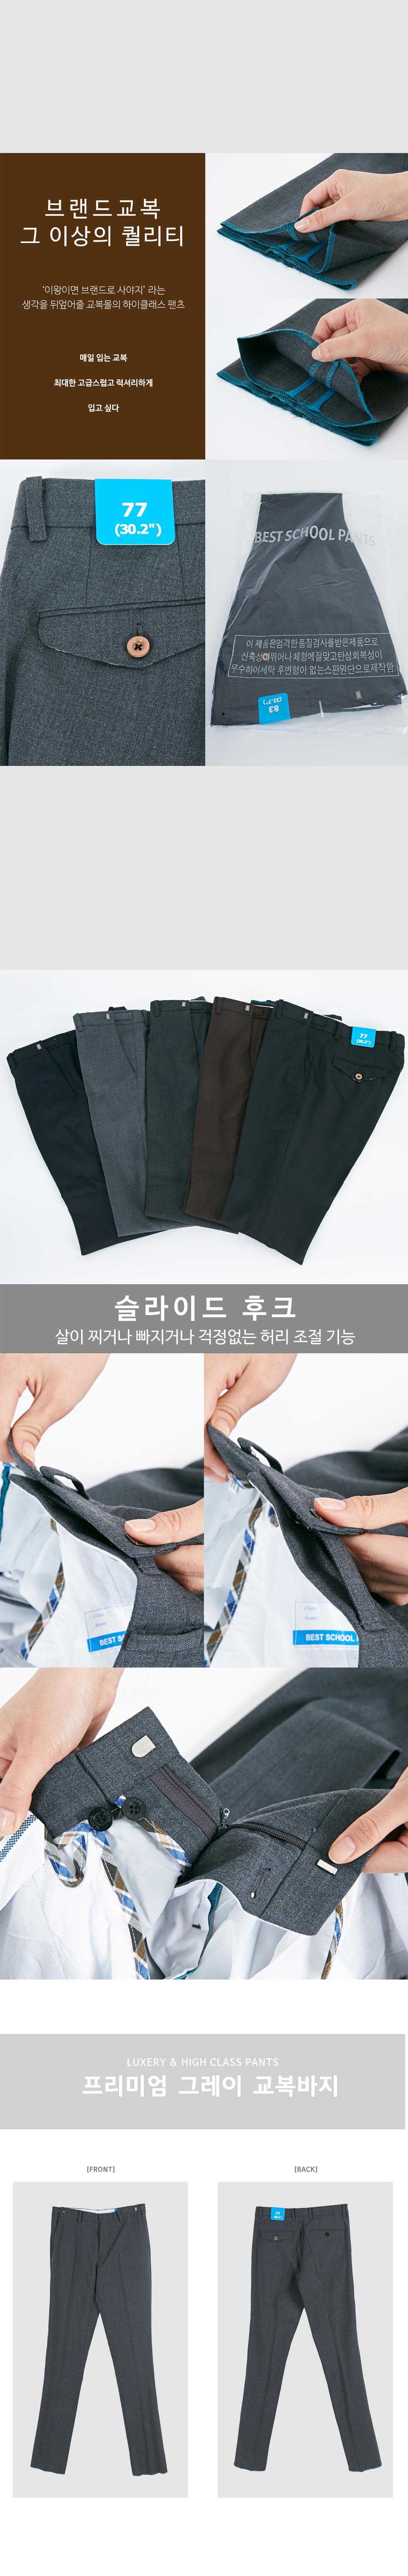 프리미엄 허리조절 교복바지 그레이 - 교복몰, 46,200원, 남성 스쿨룩, 하의